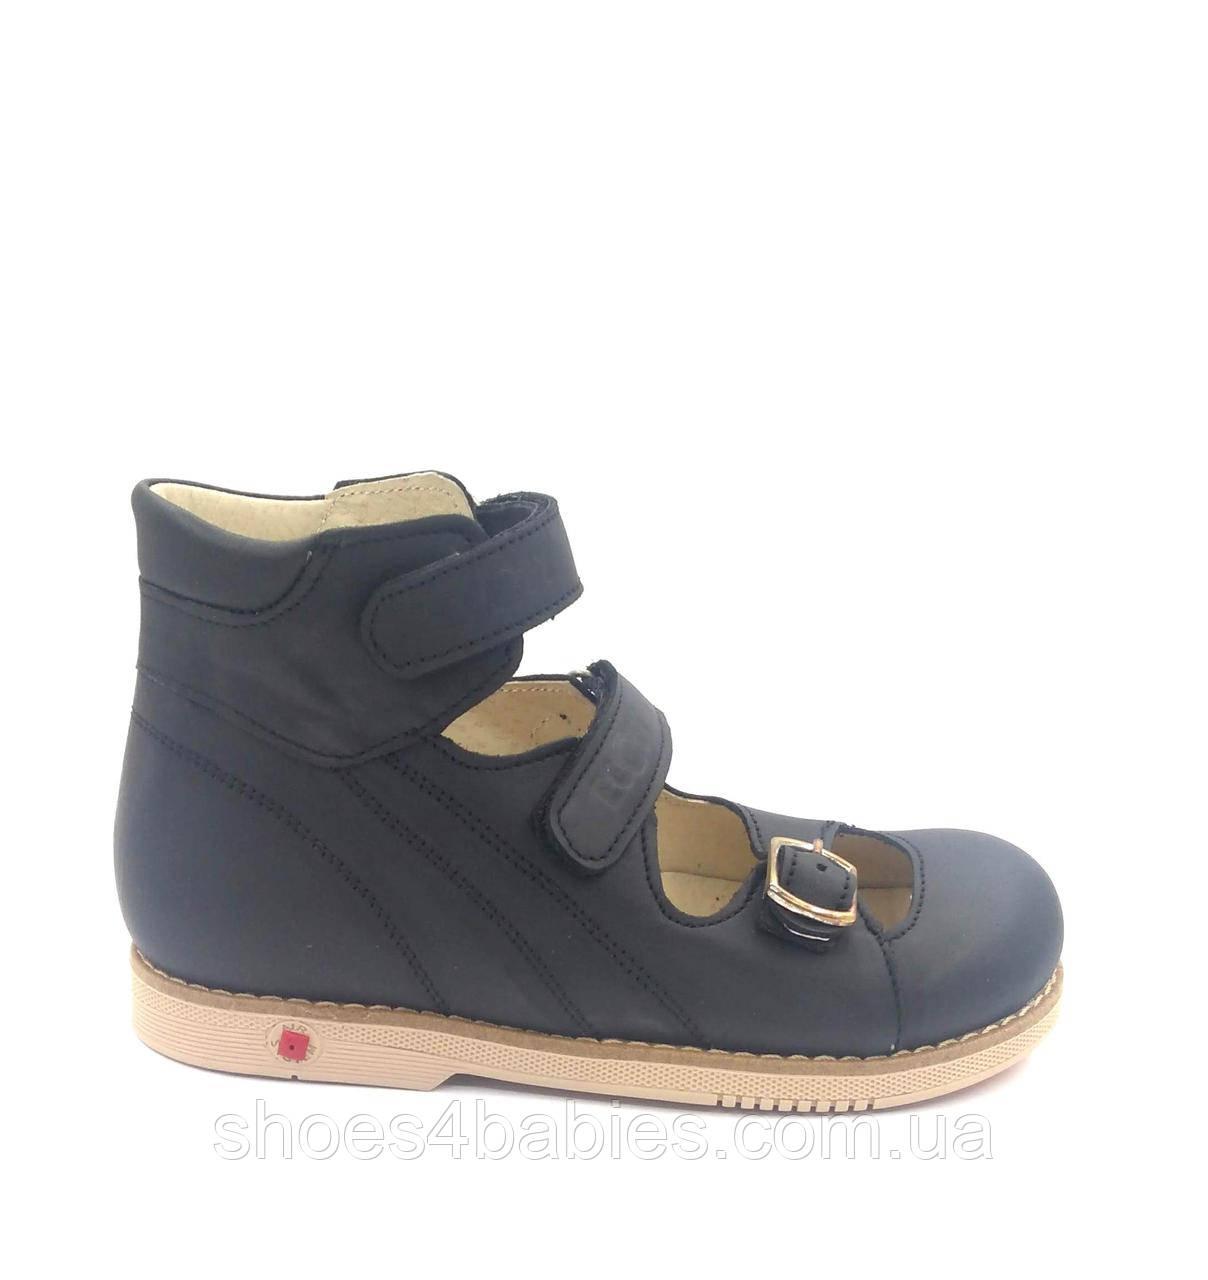 Туфли ортопедические для вальгуса р. 20 - 32 Ecoby (Экоби) 108M